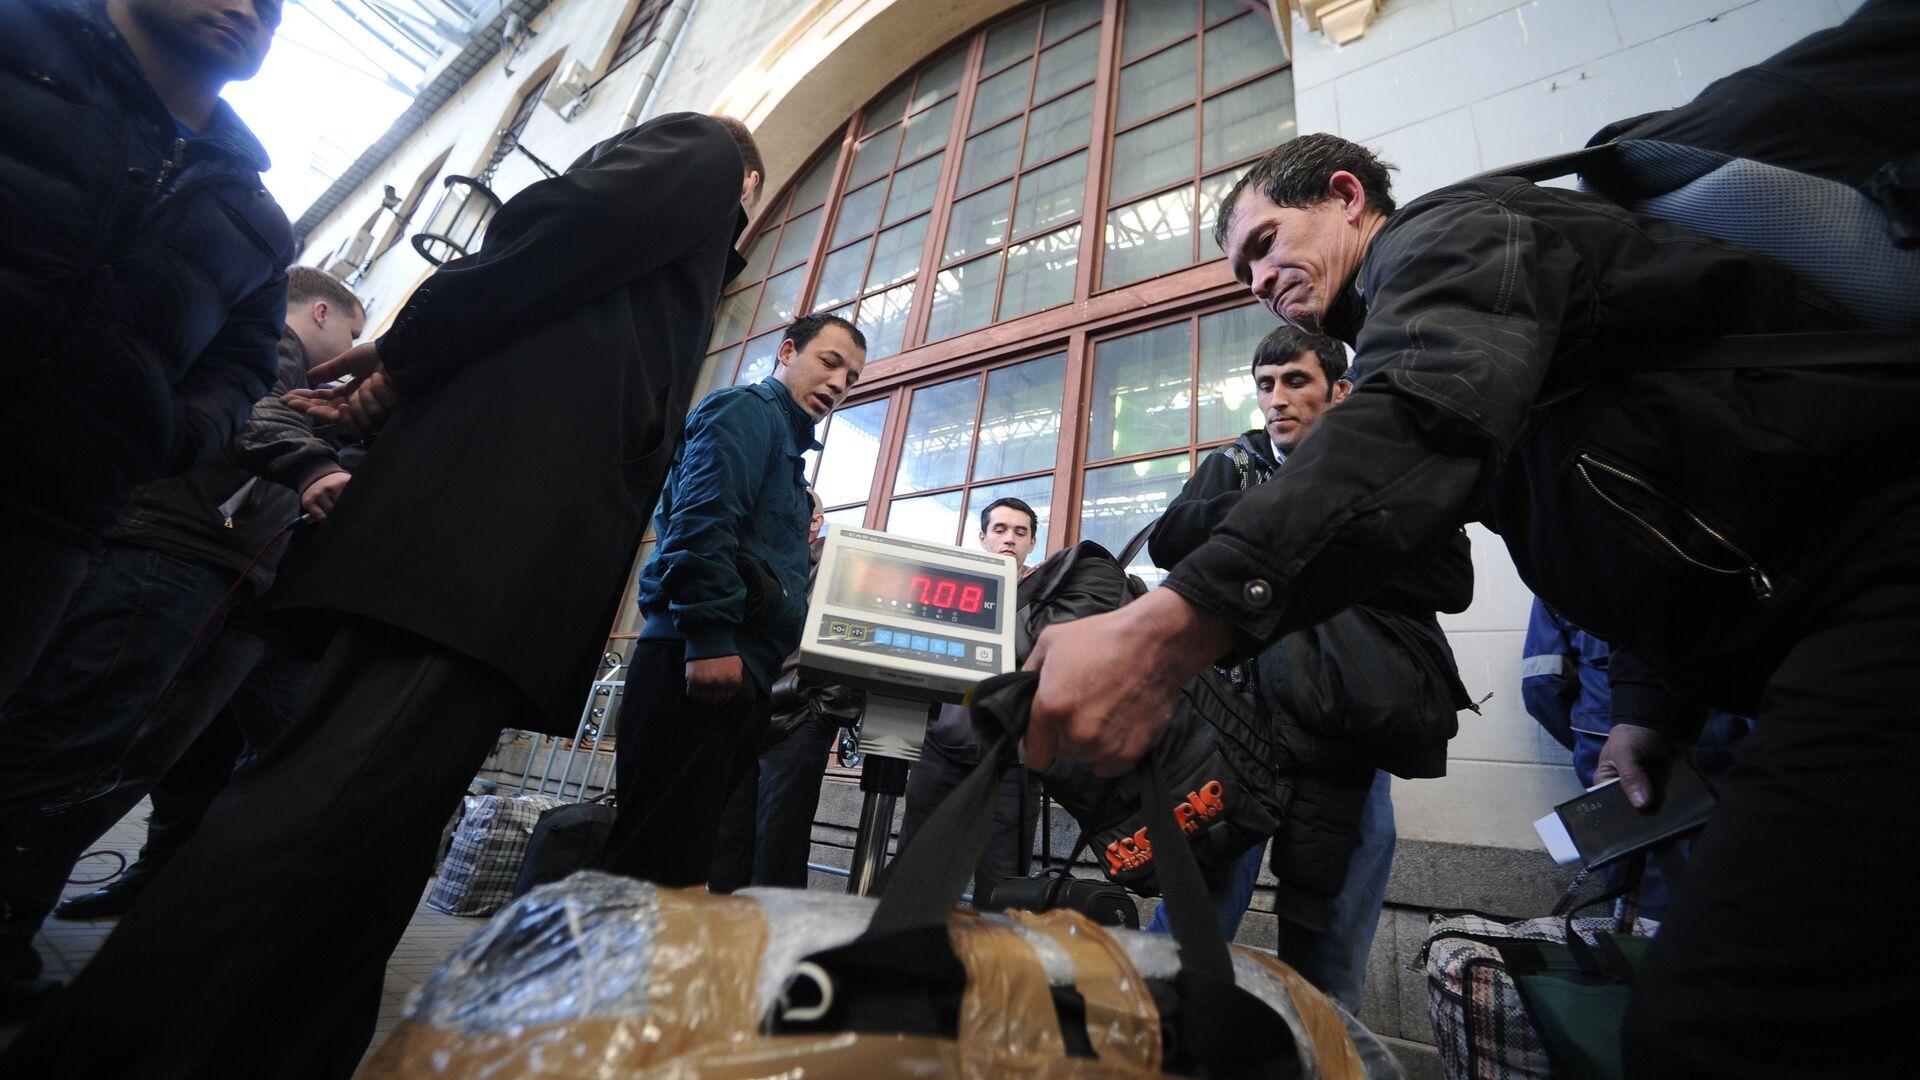 Перронный контроль пассажиров поезда Москва-Душанбе, архивное фото - Sputnik Тоҷикистон, 1920, 31.08.2021